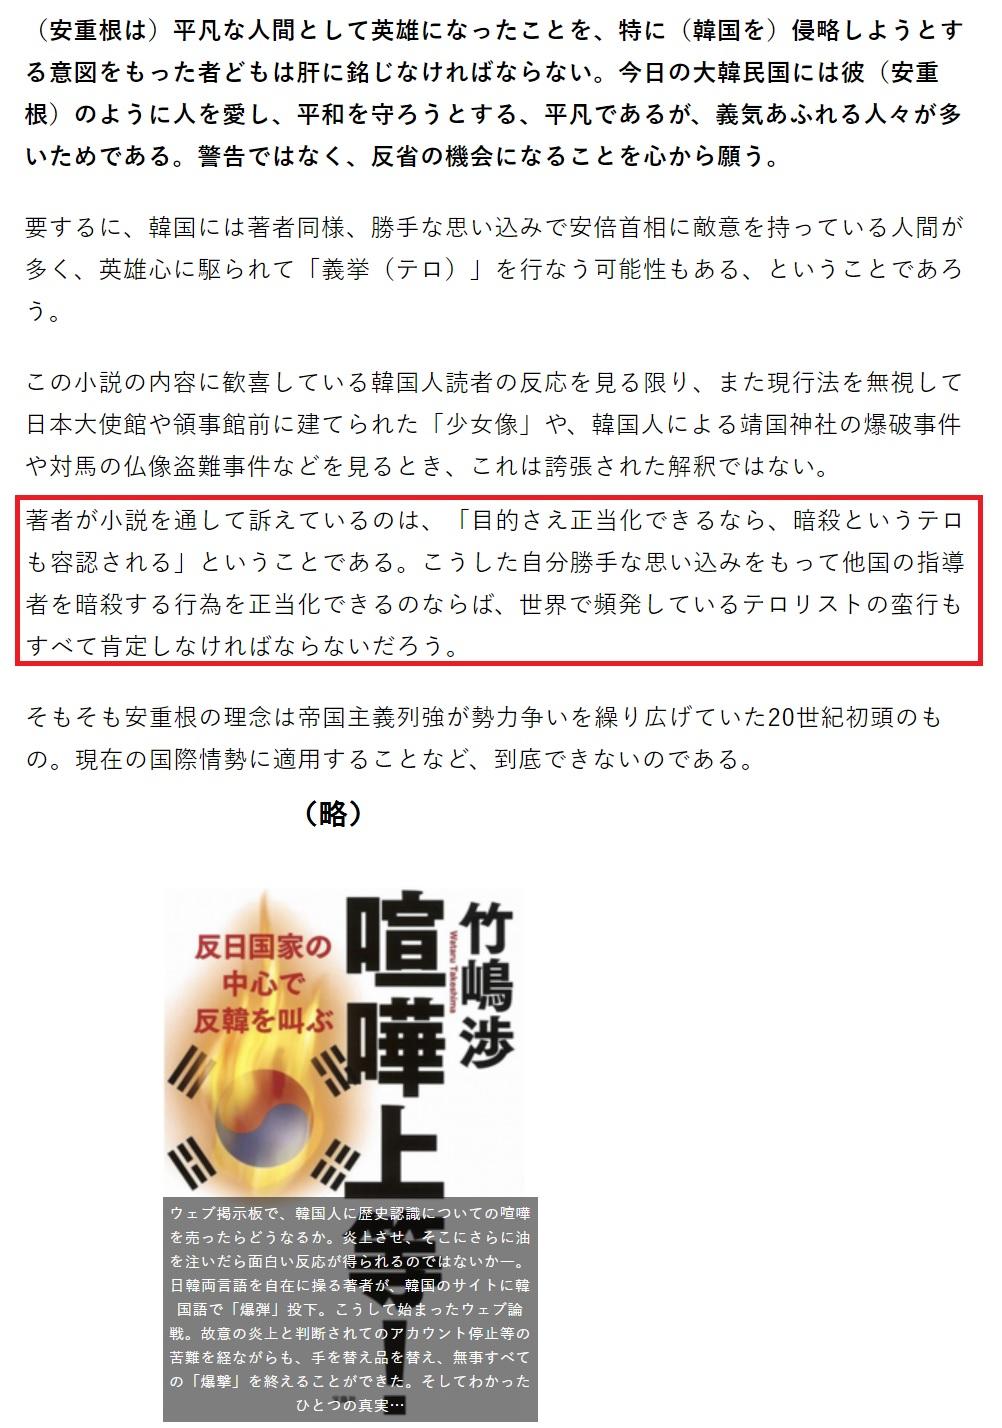 朝鮮人の願望と妄想まみれの安倍暗殺本4